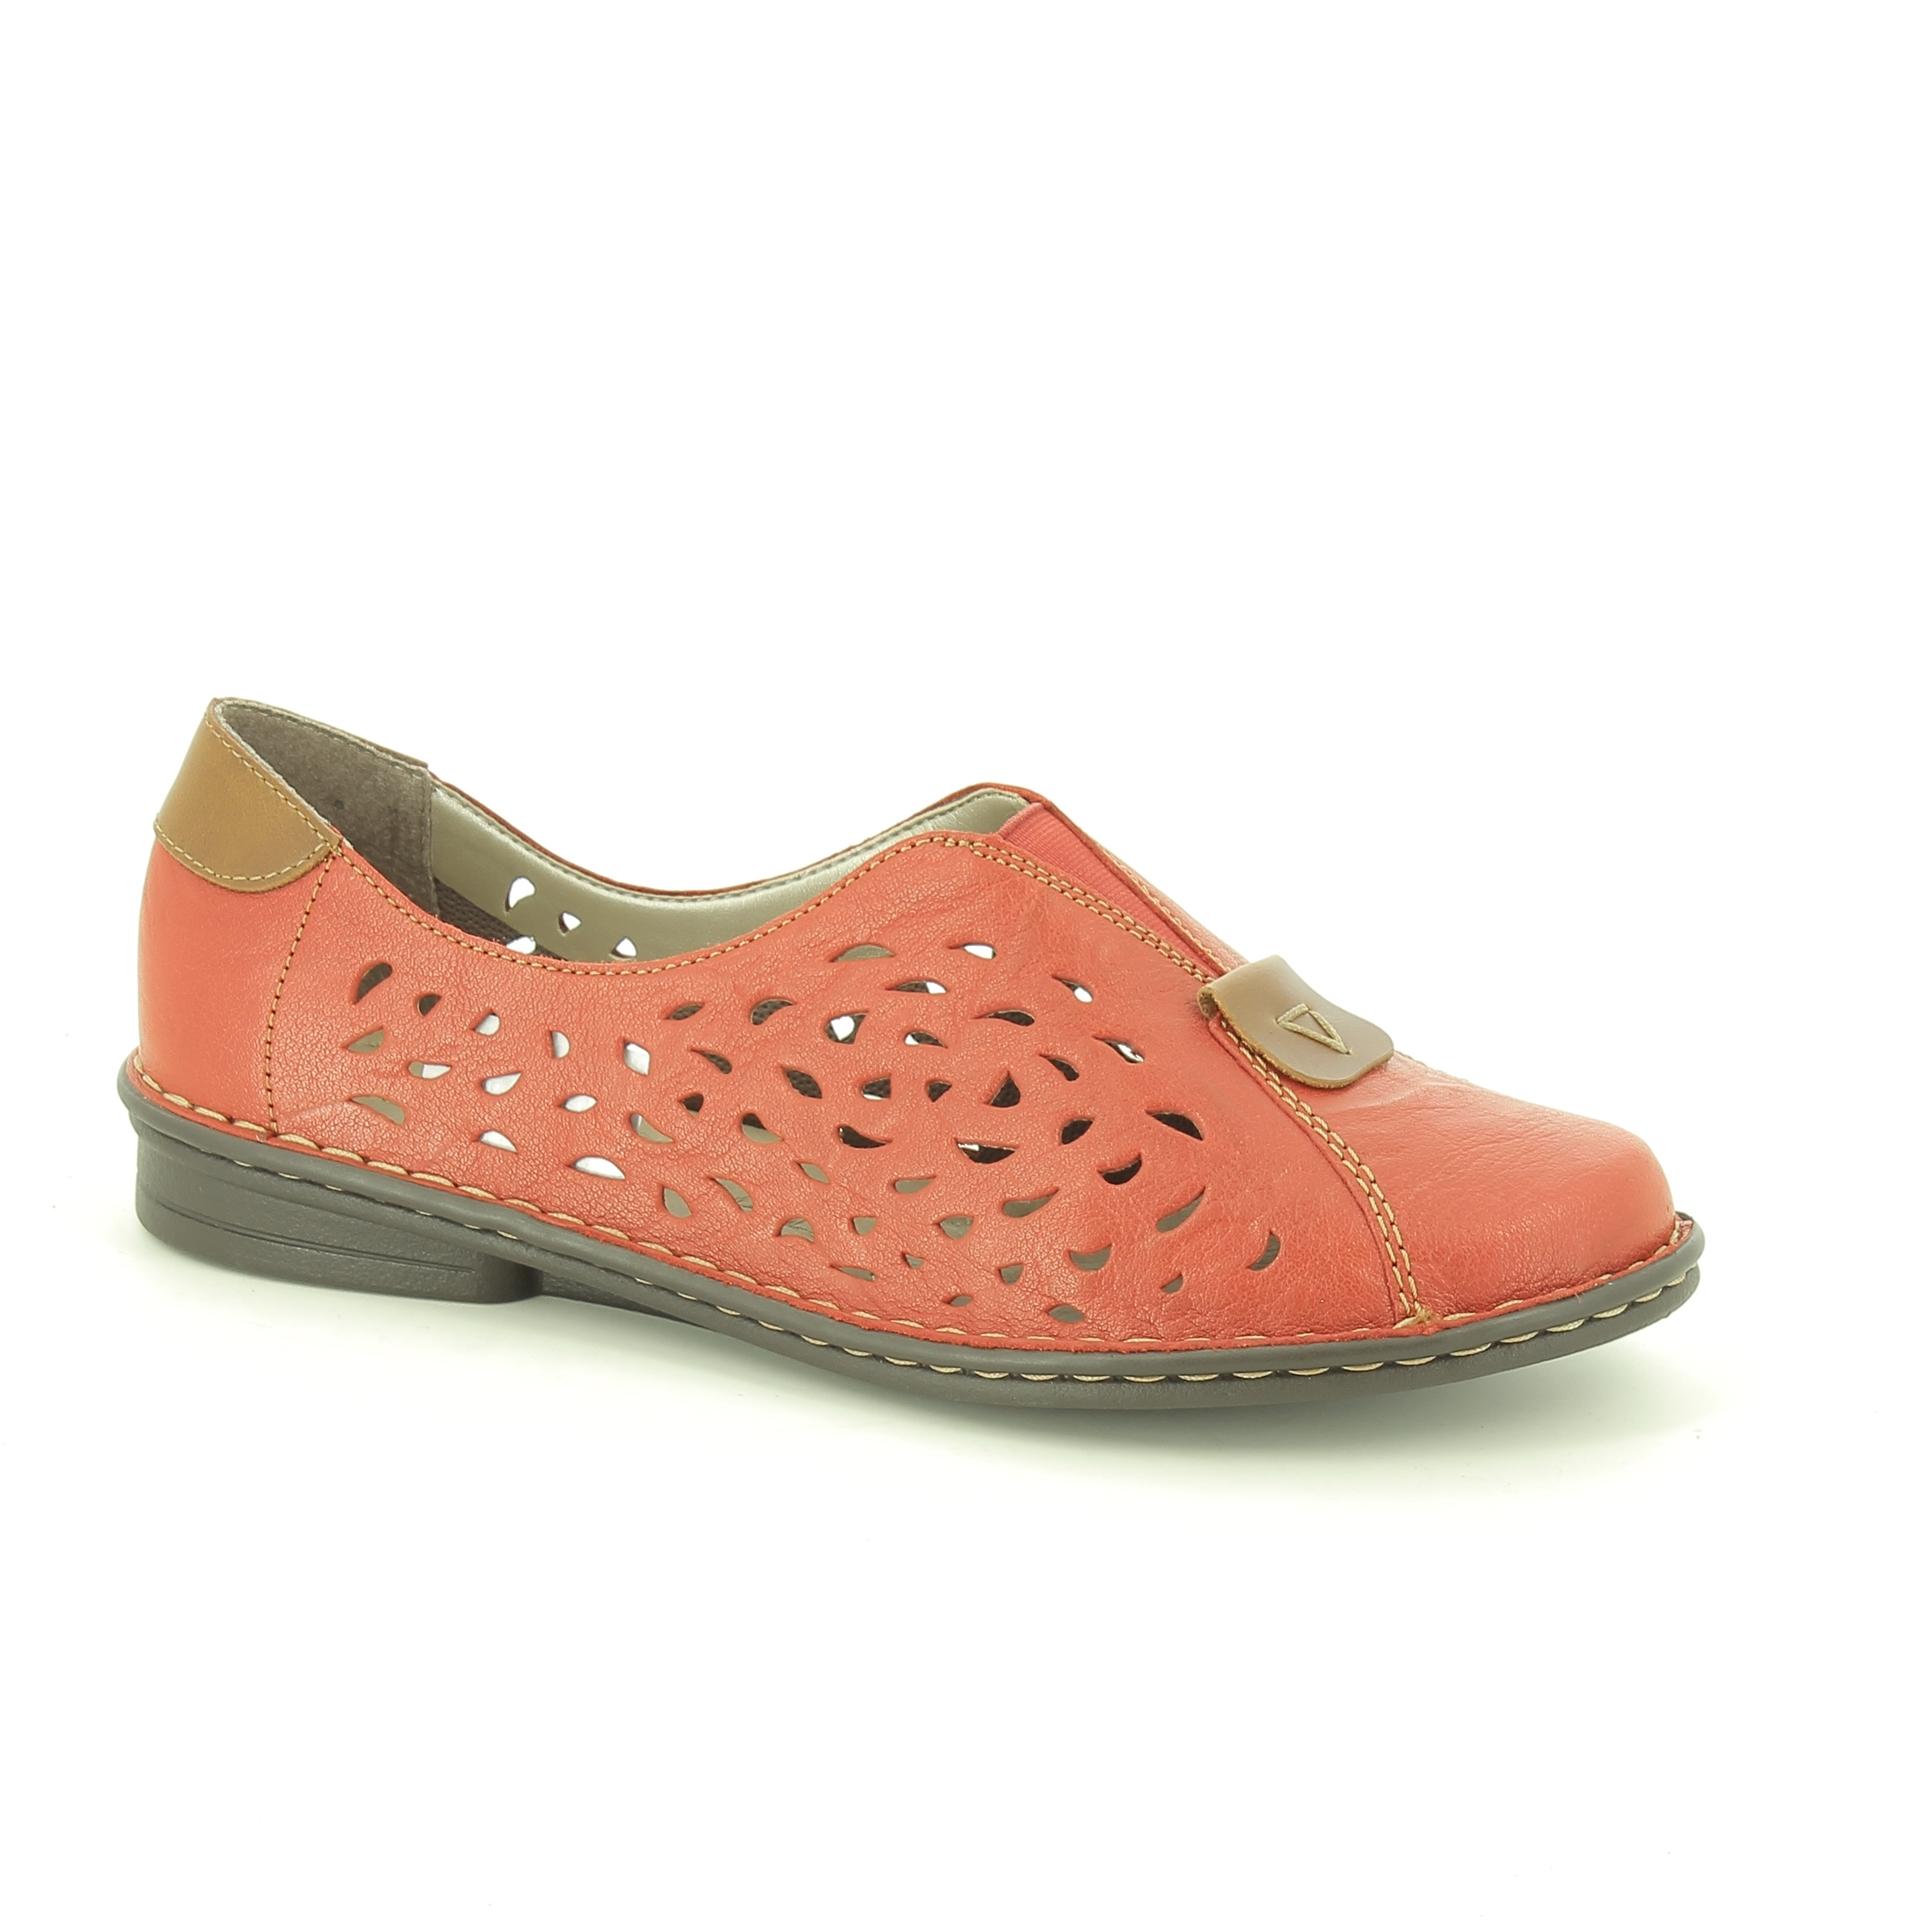 Bercolini Kényelmes cipők Rieker, női, szandál, bőr